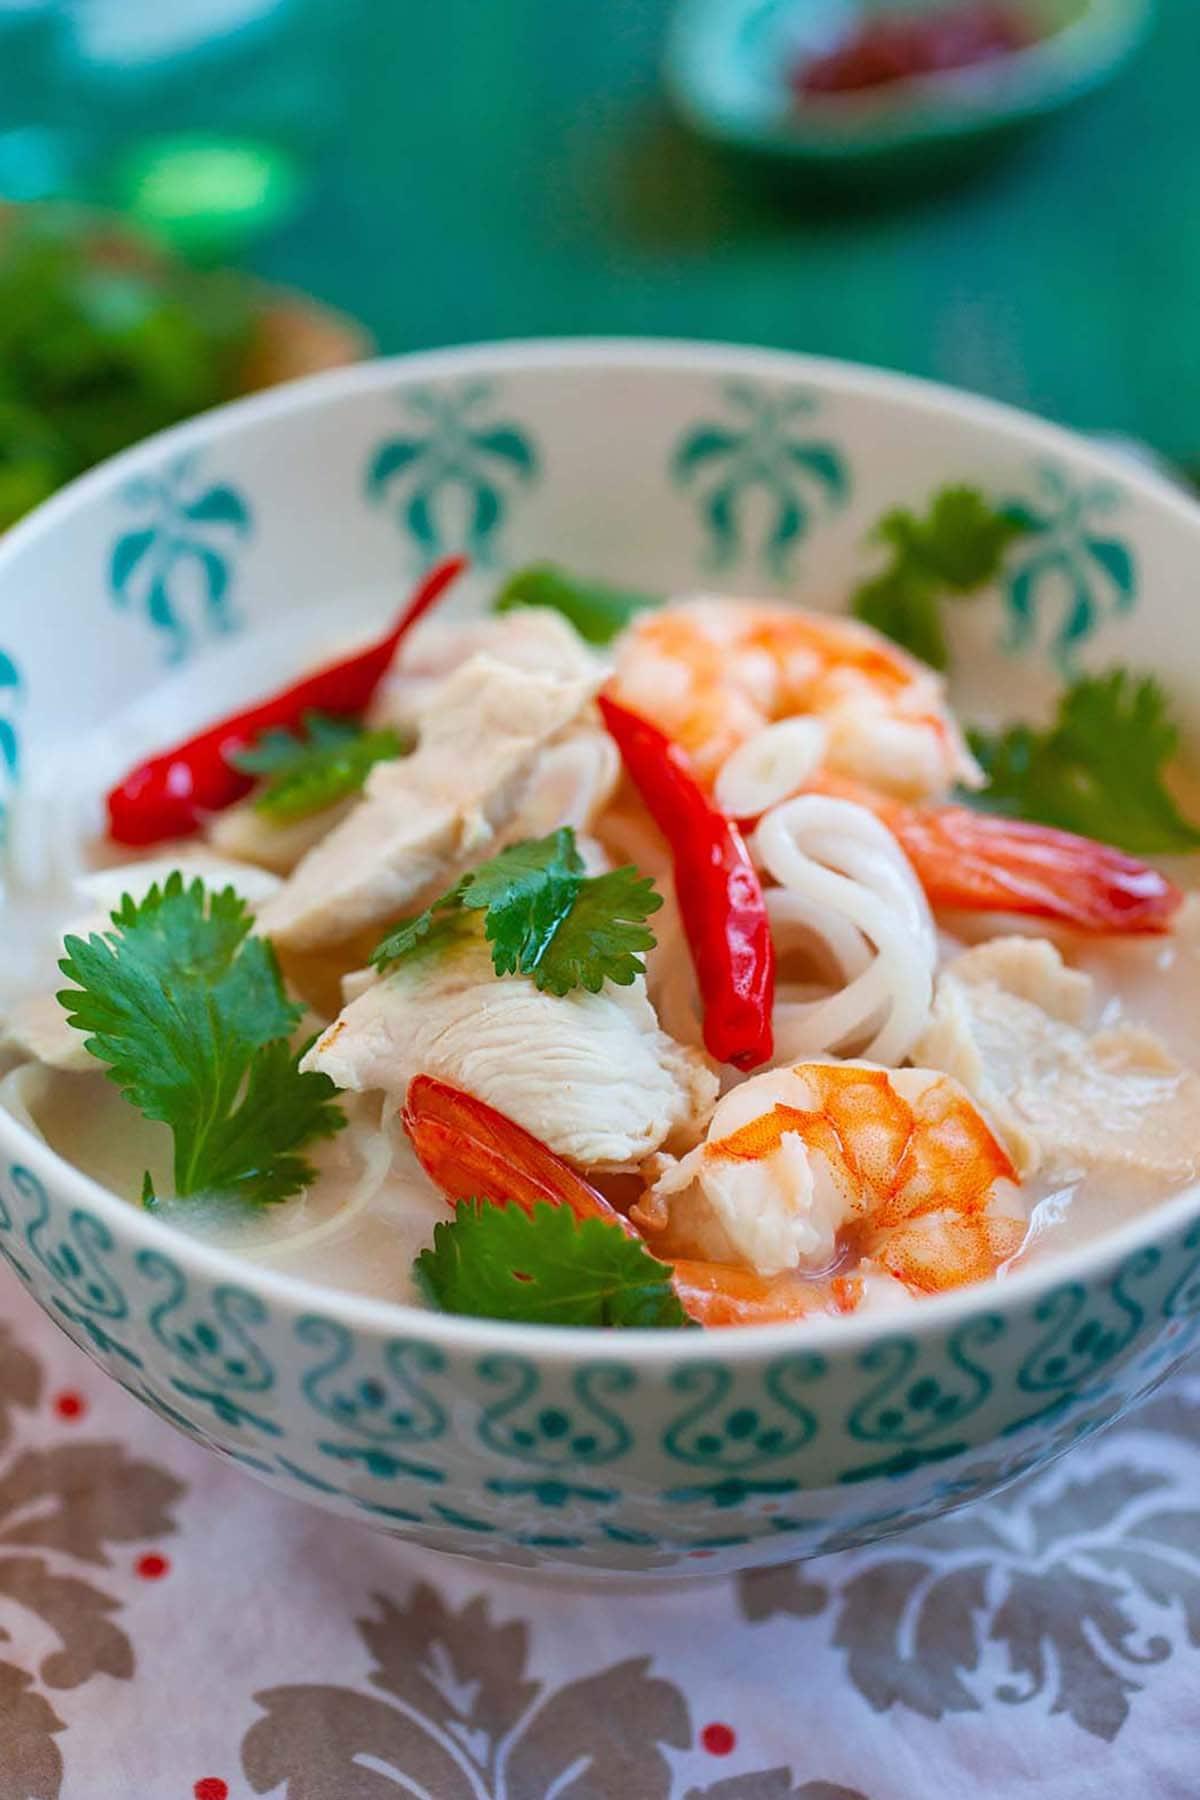 Soupe de nouilles thaïlandaise maison riche et savoureuse à la noix de coco et aux crevettes prêtes à servir.